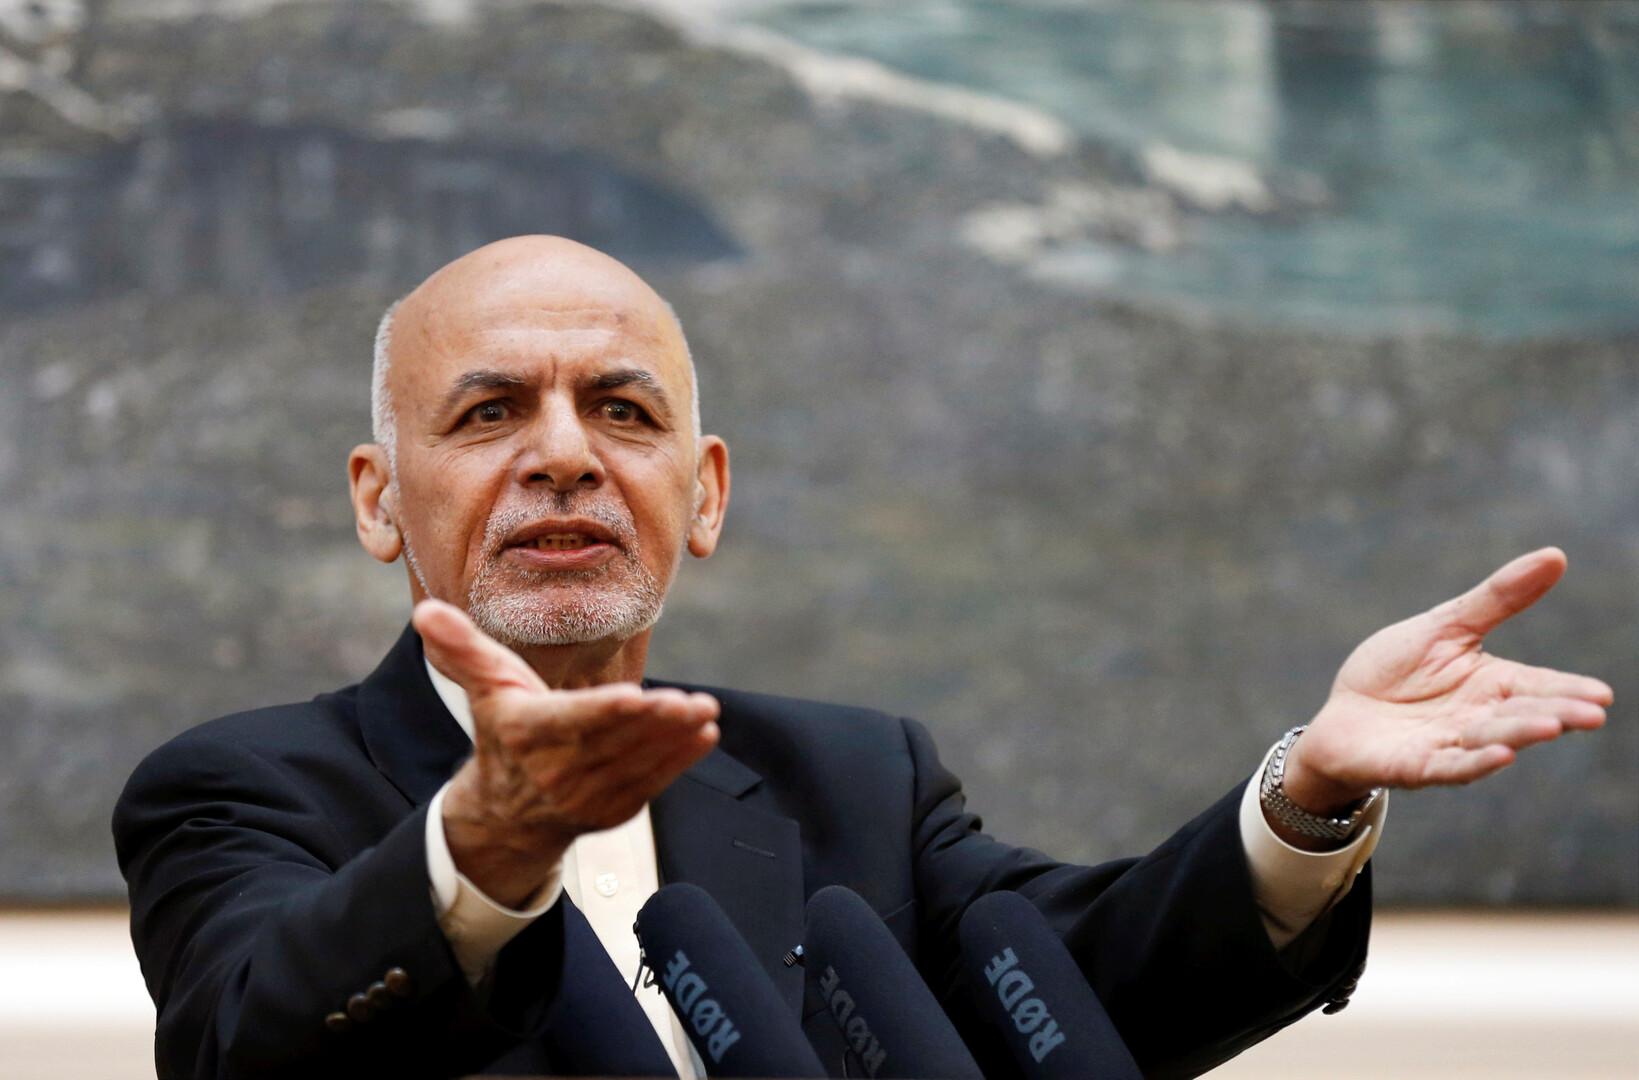 الرئيس الأفغاني: العنف الذي تمارسه